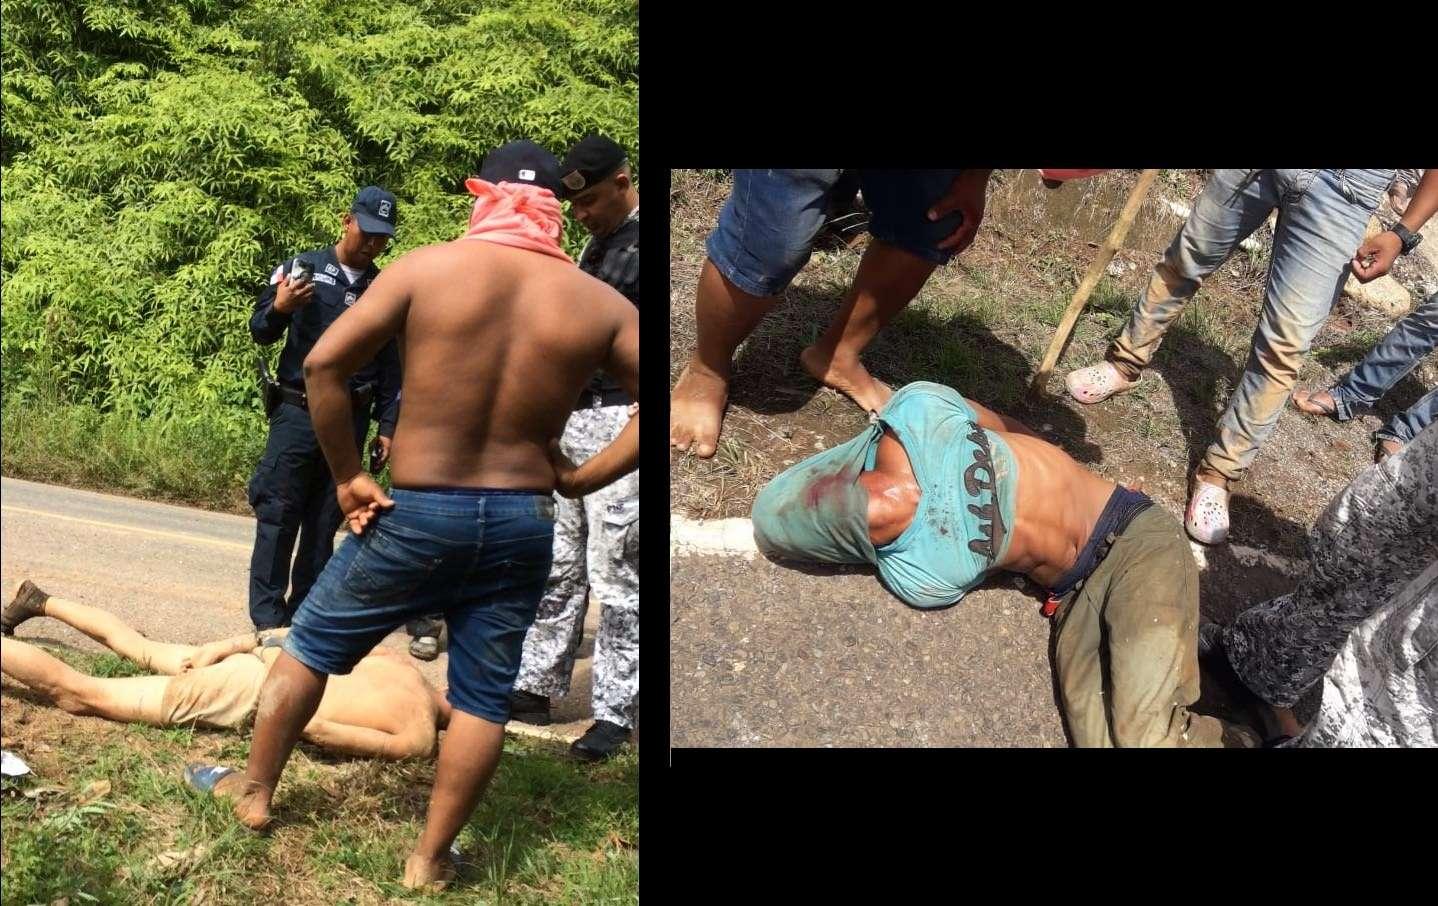 Dos de los asaltantes fueron capturados por miembros de la comunidad.  Foto: Eric Montenegro